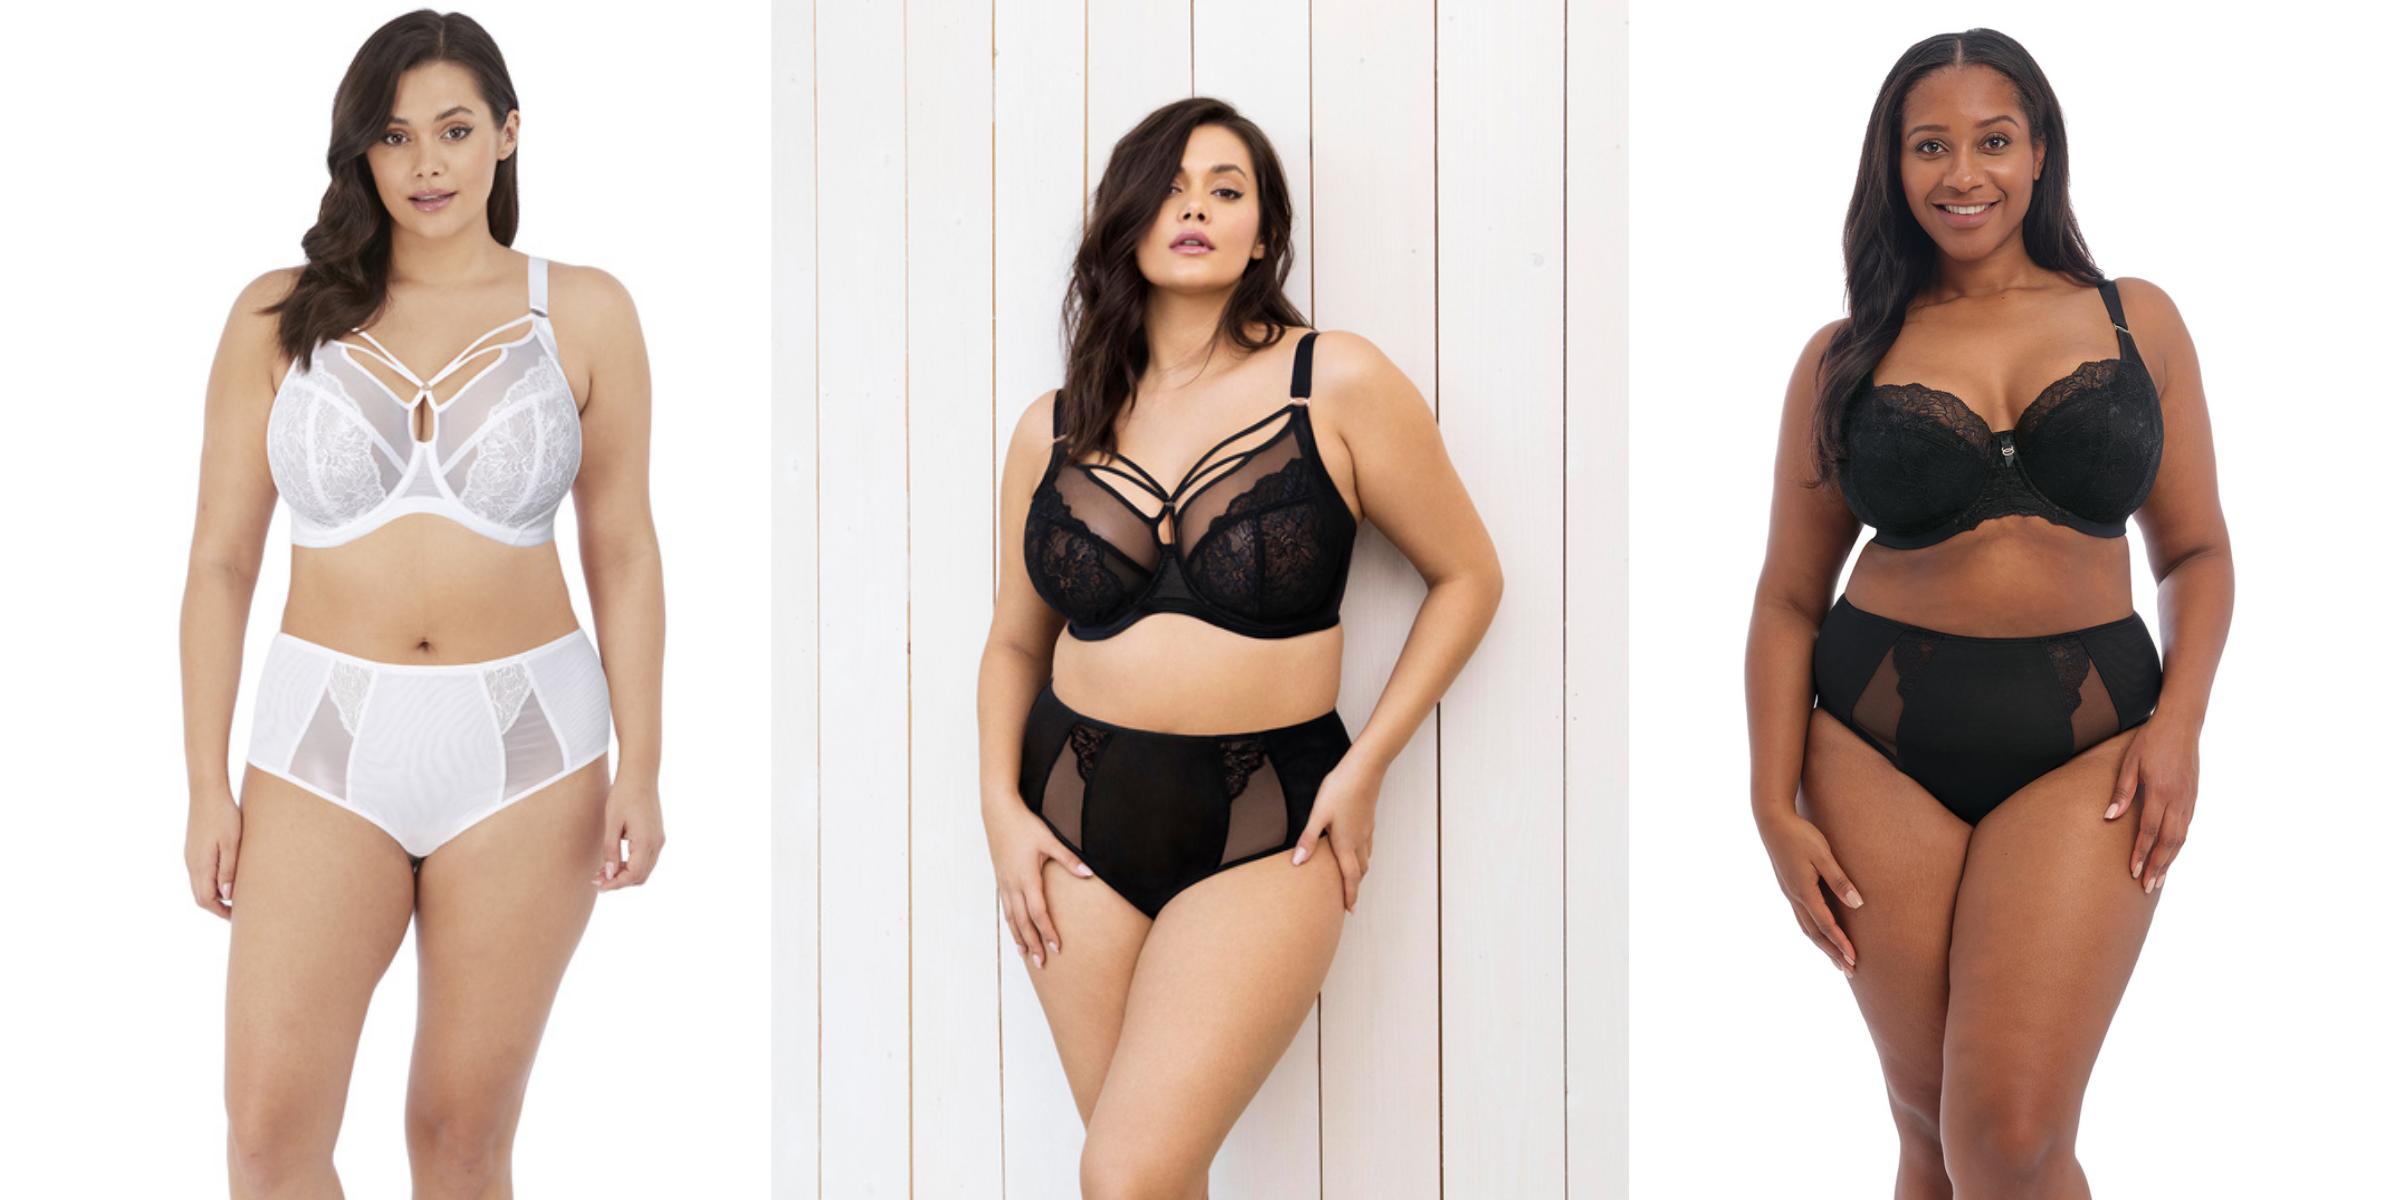 3 vrouwen in verschillende modellen van elomi lingerie brianna BH's